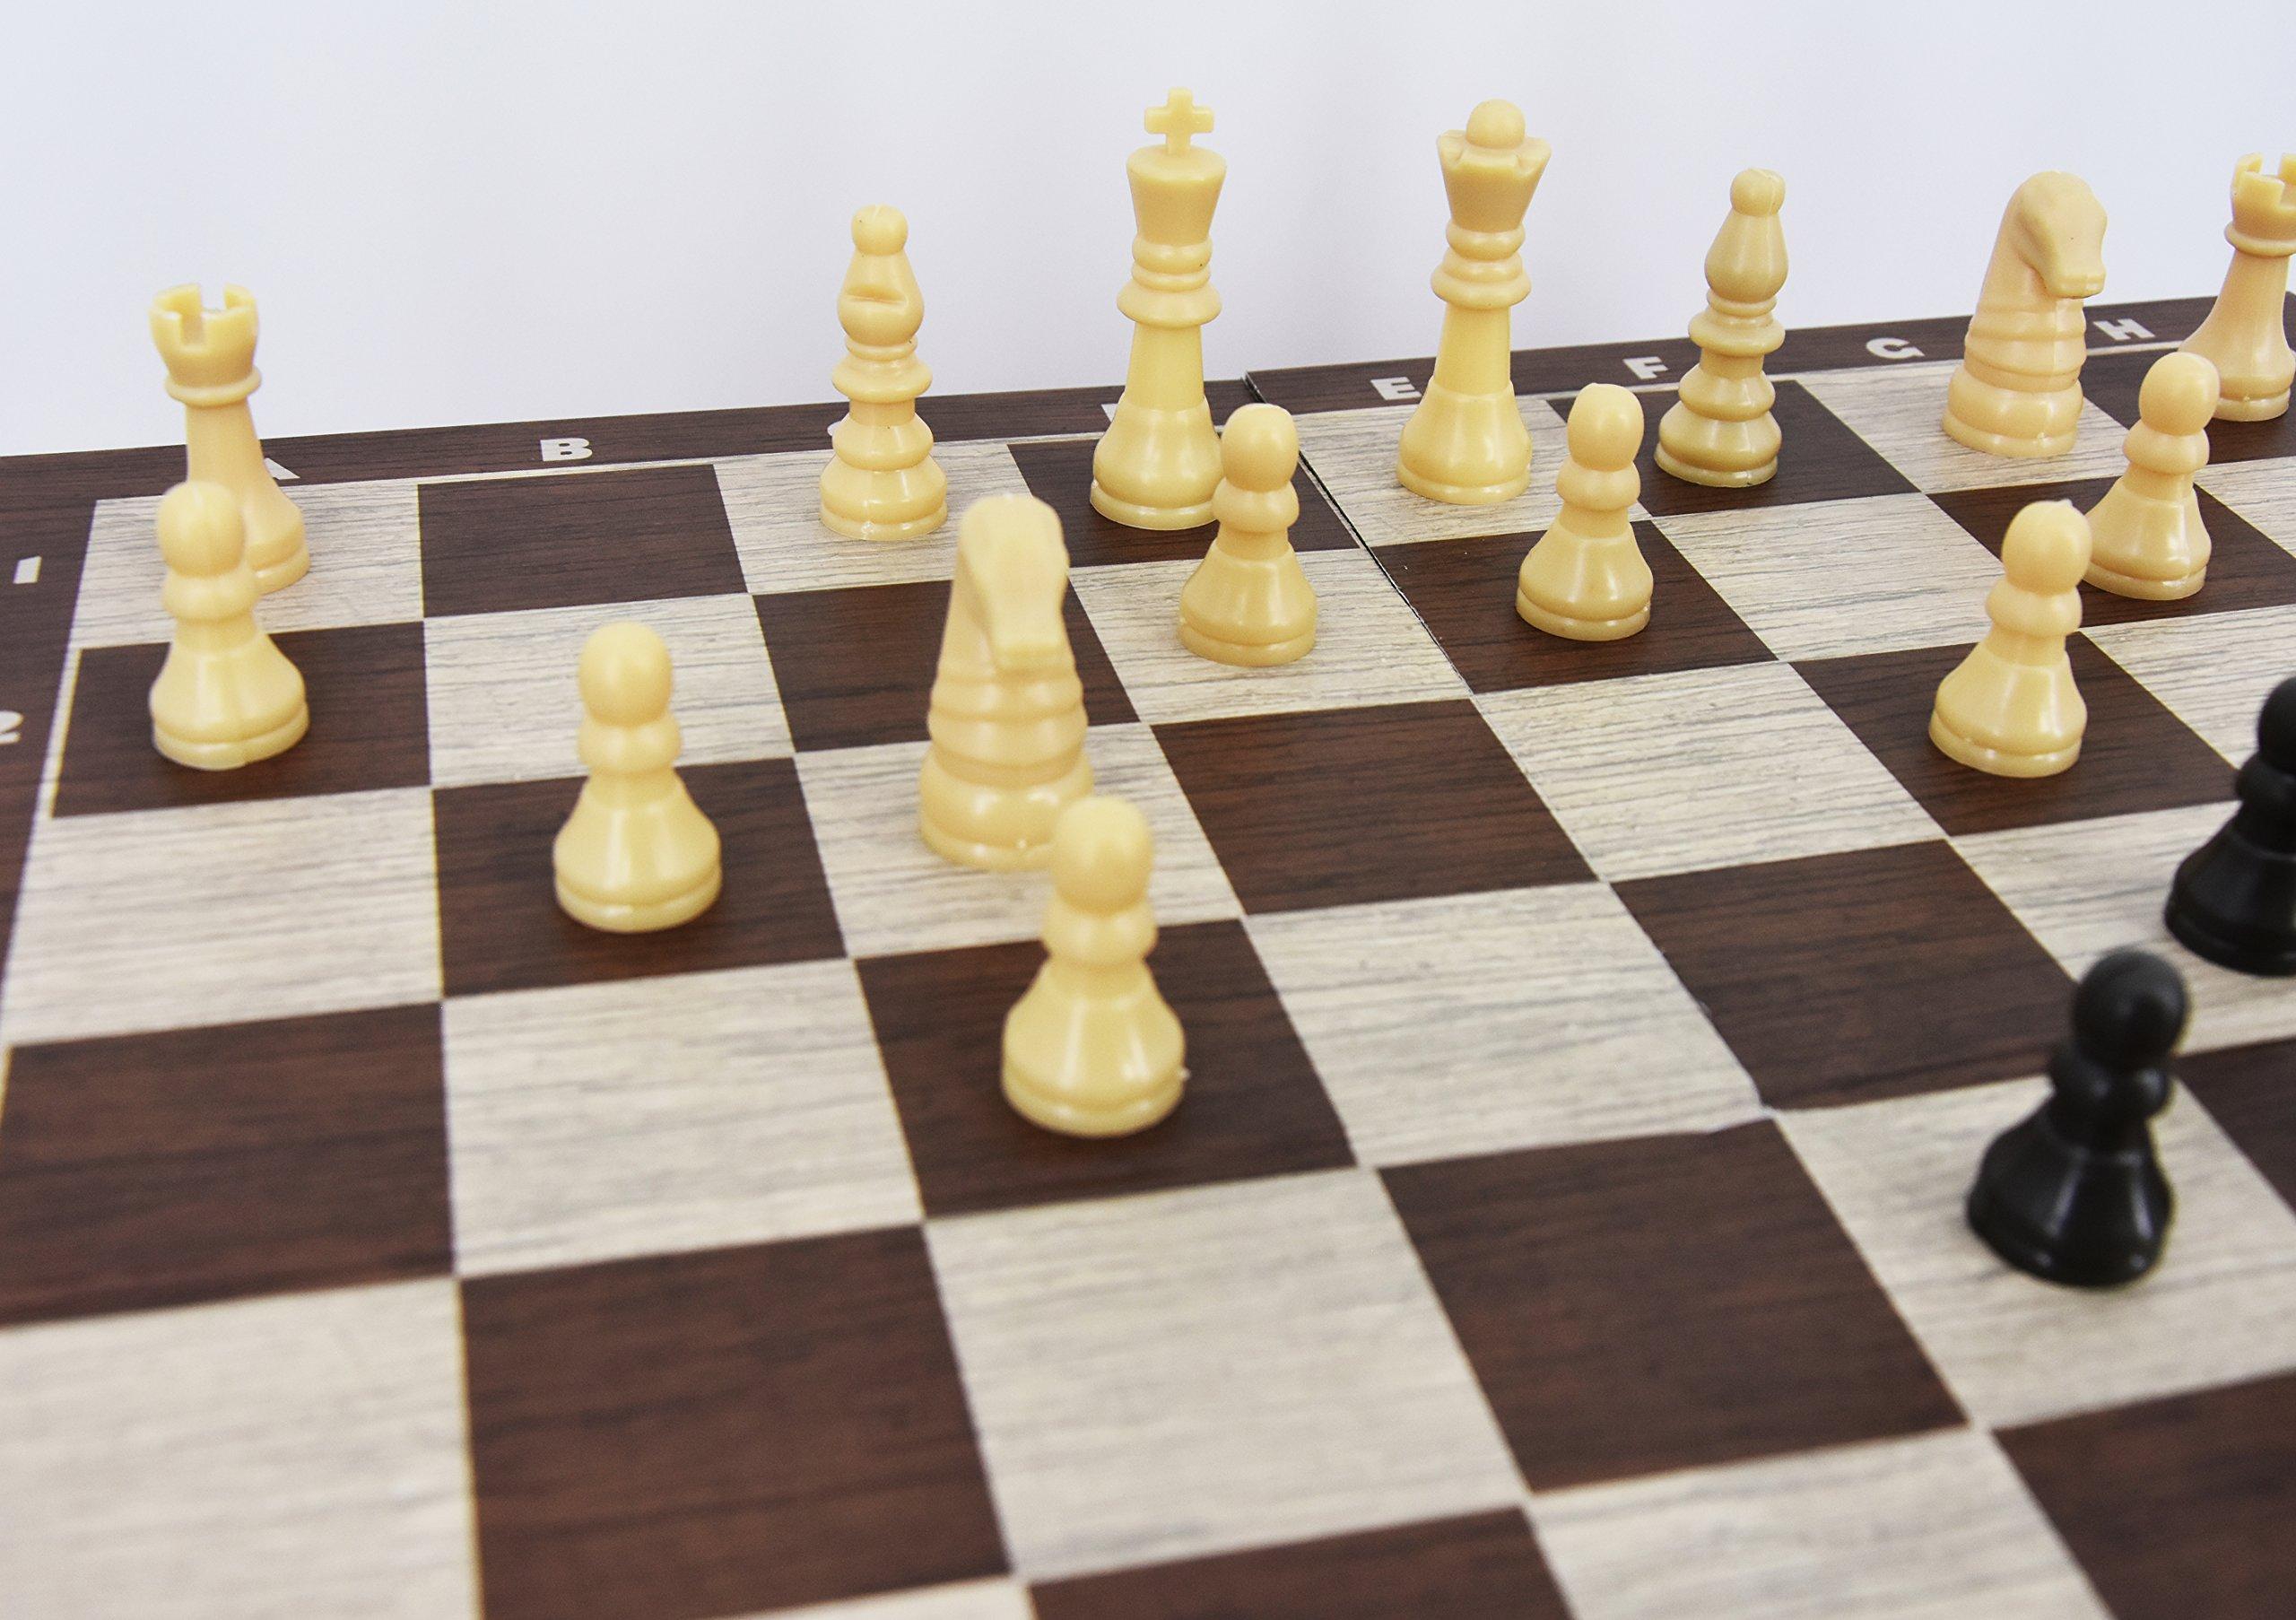 Juego de mesa retro tradicional 3 en 1 Juego de ajedrez Compendium, borradores, punta tres en raya: Amazon.es: Juguetes y juegos